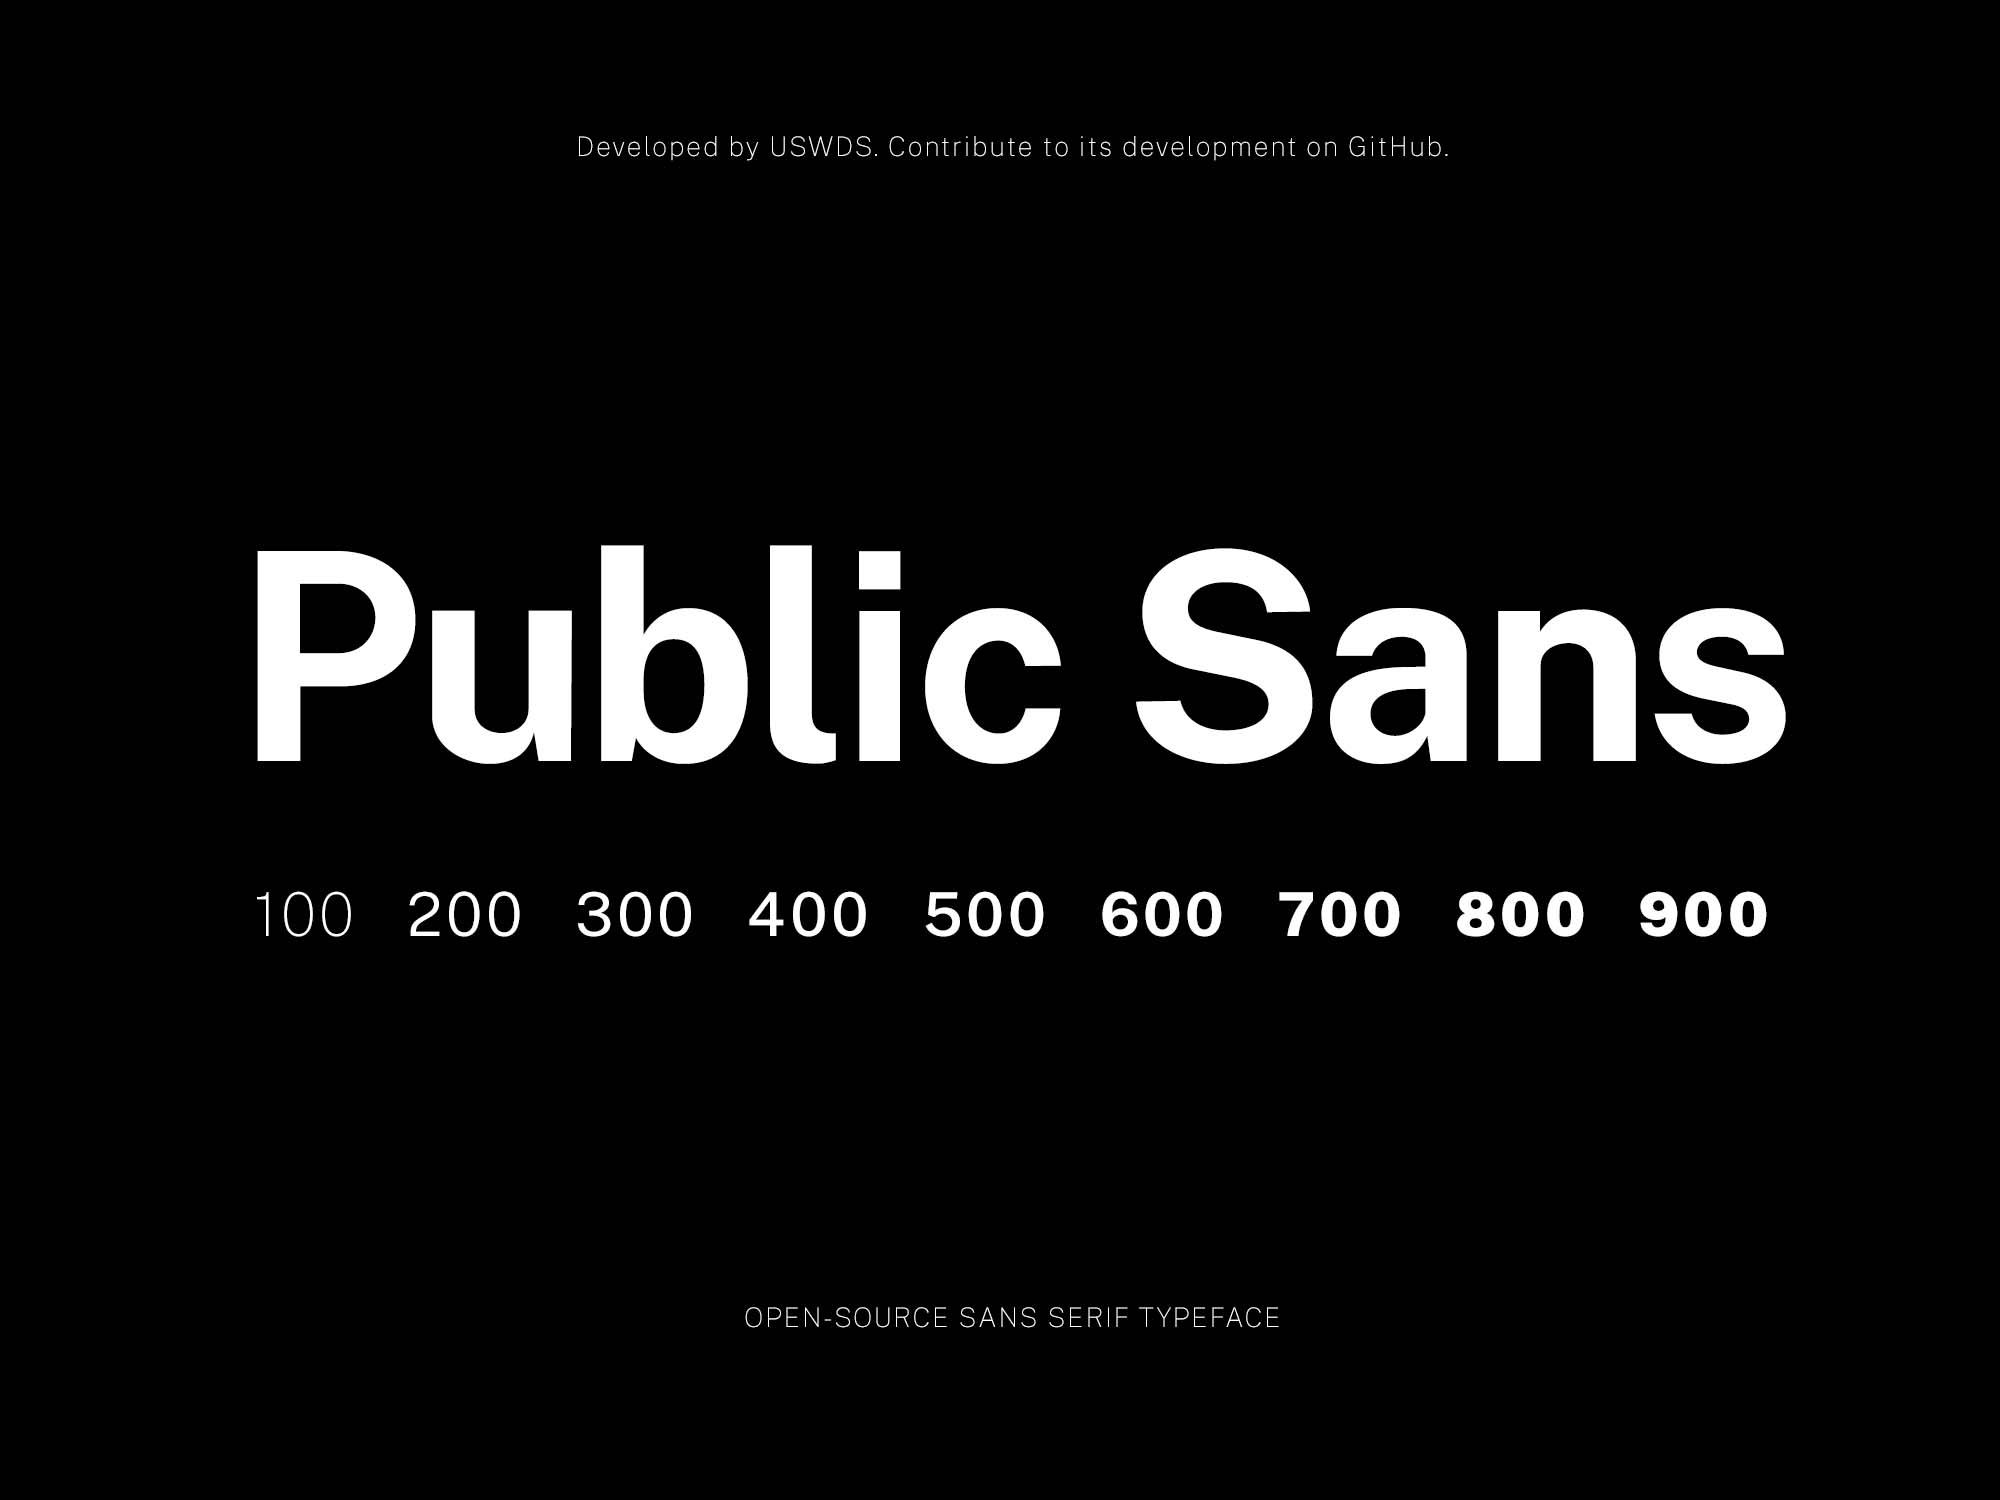 Public Sans Typeface